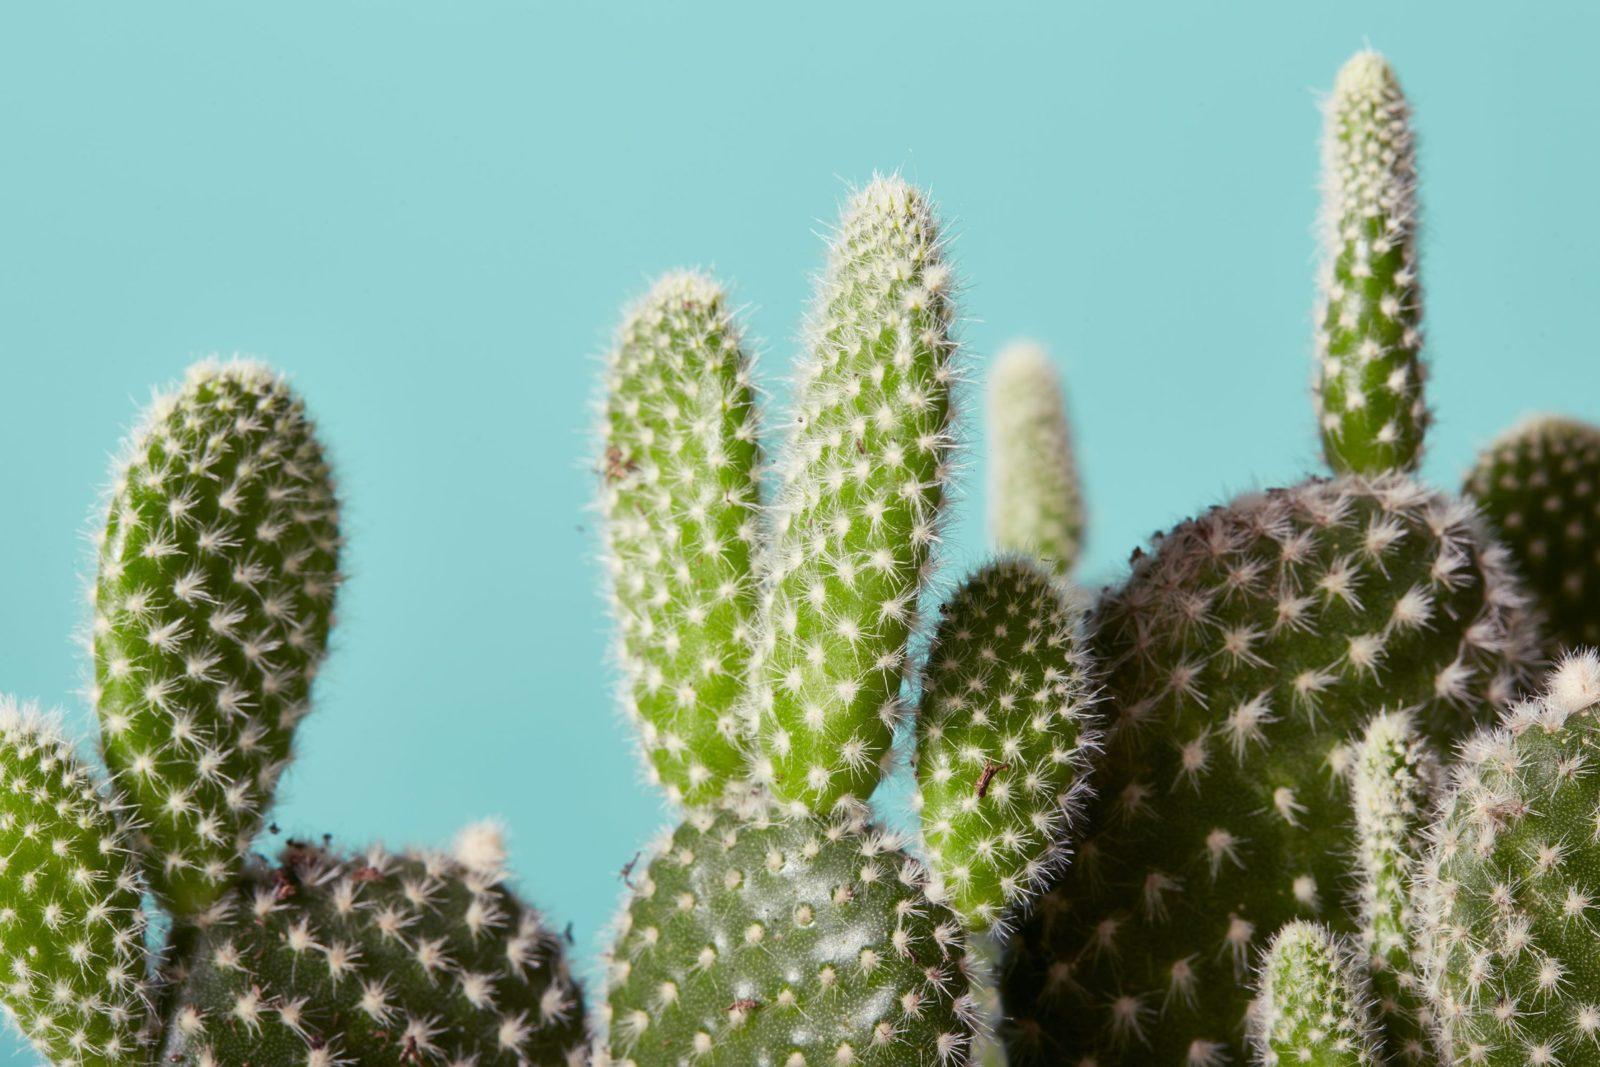 مزایای داشتن گیاه در خانه